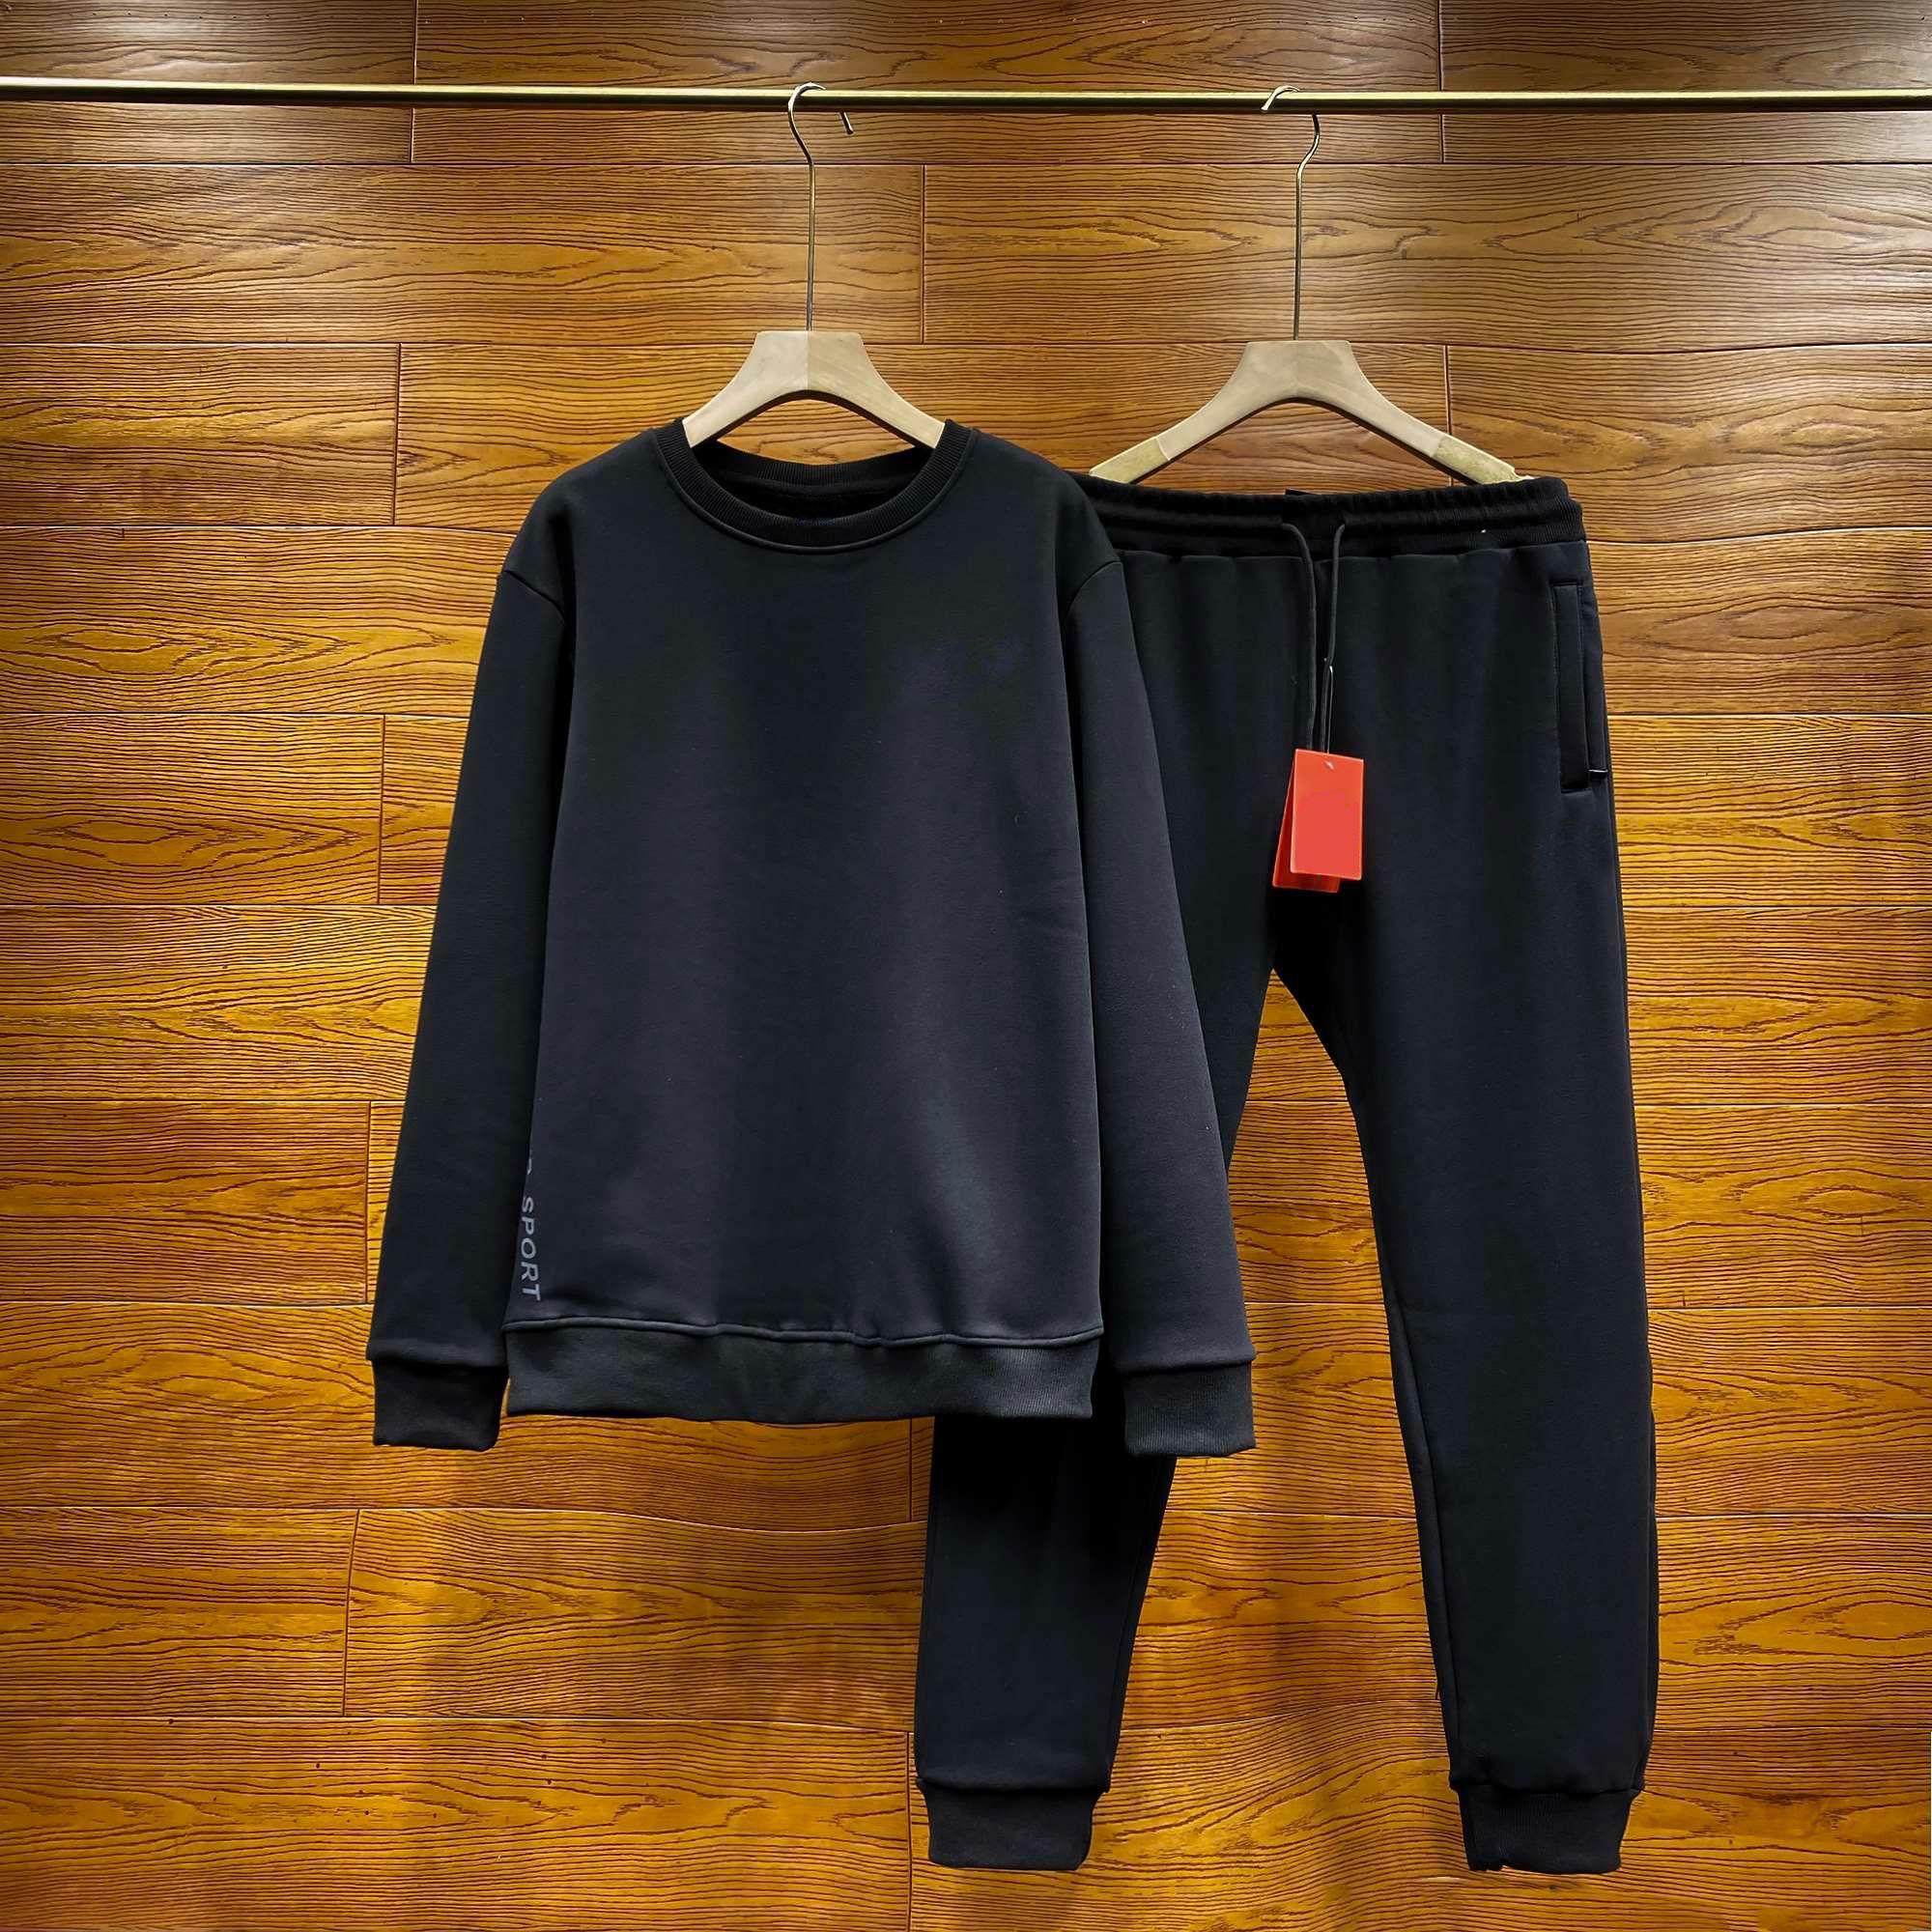 2 Parça Kazak Pantolon 20 SS Mens Eşofman Tasarımcısı Spor Koşu Seti Rahat Yüksek Kalite Yan Ekose Elastik Kış Artı Kadife Takım Elbise